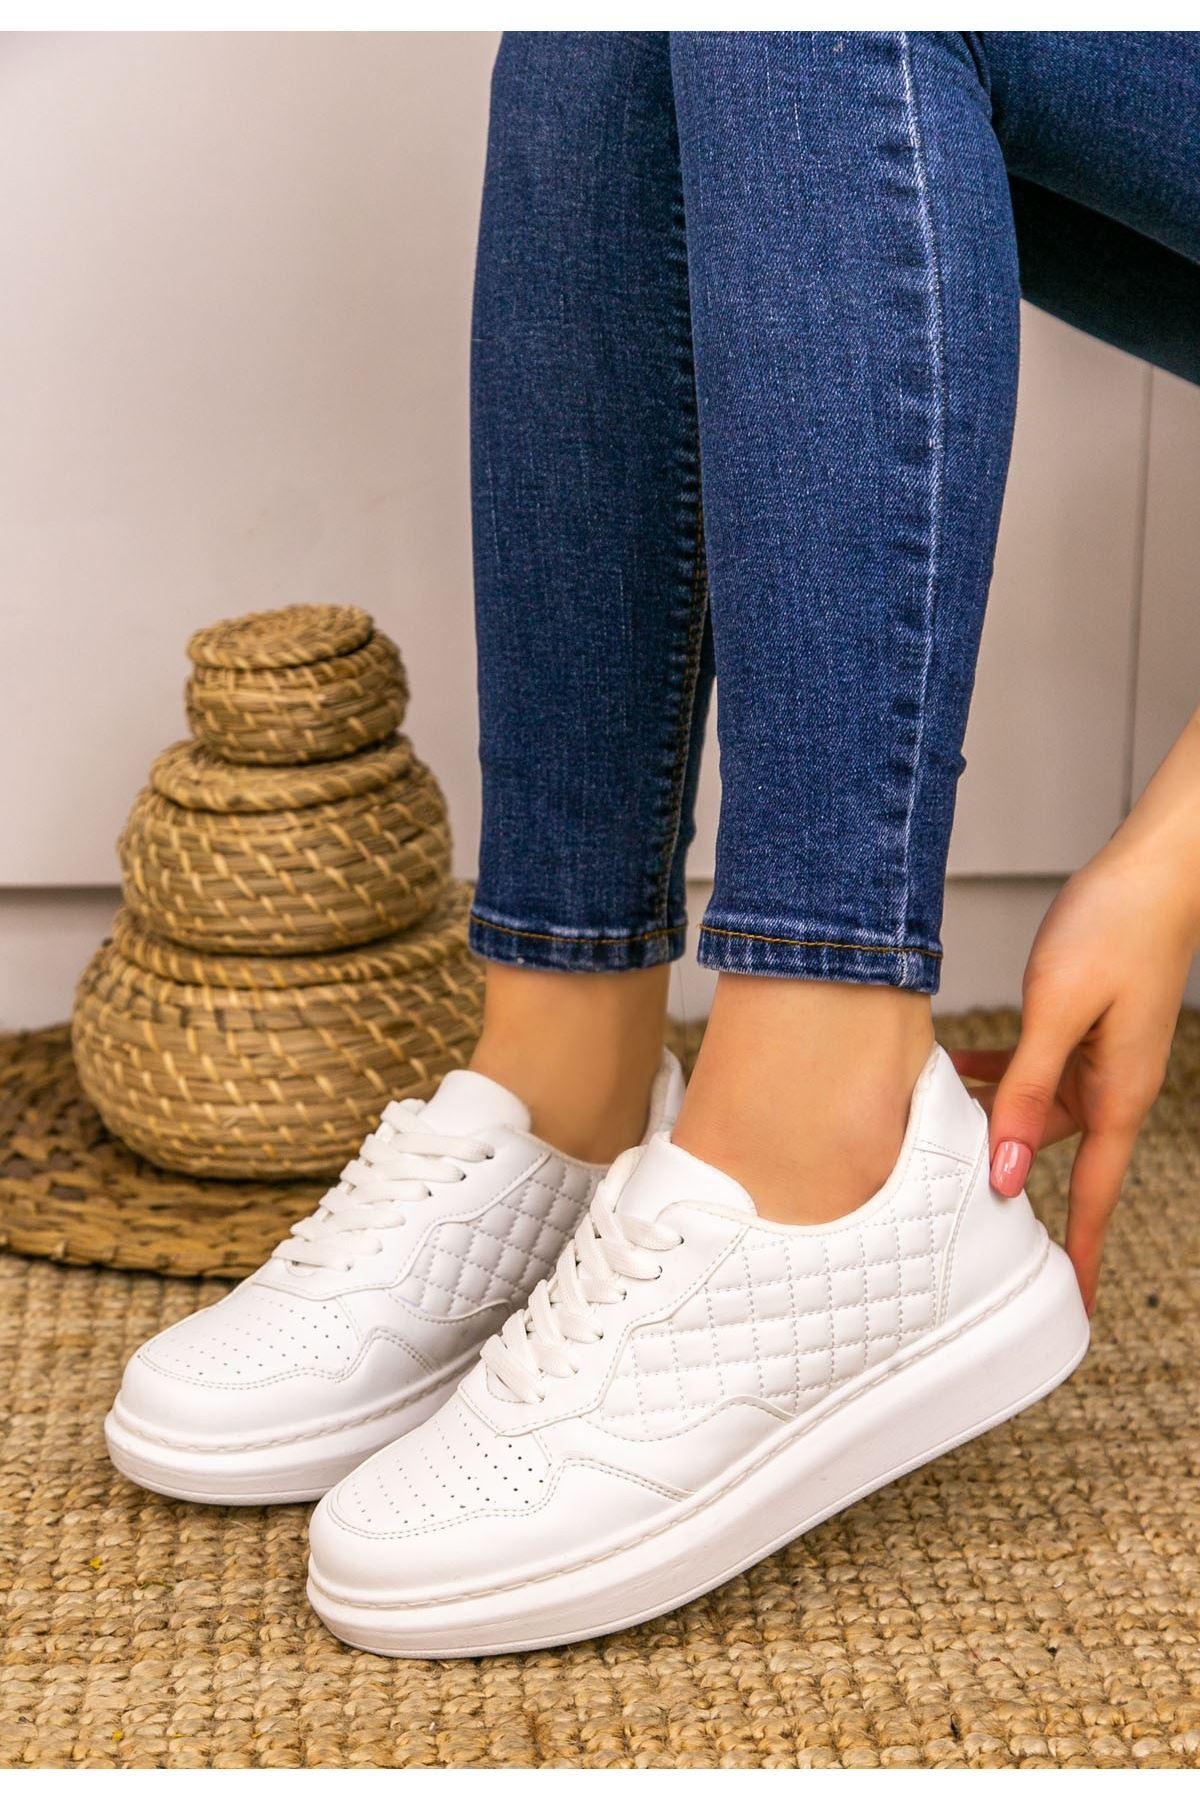 Lari Beyaz Cilt Bağcıklı Spor Ayakkabı